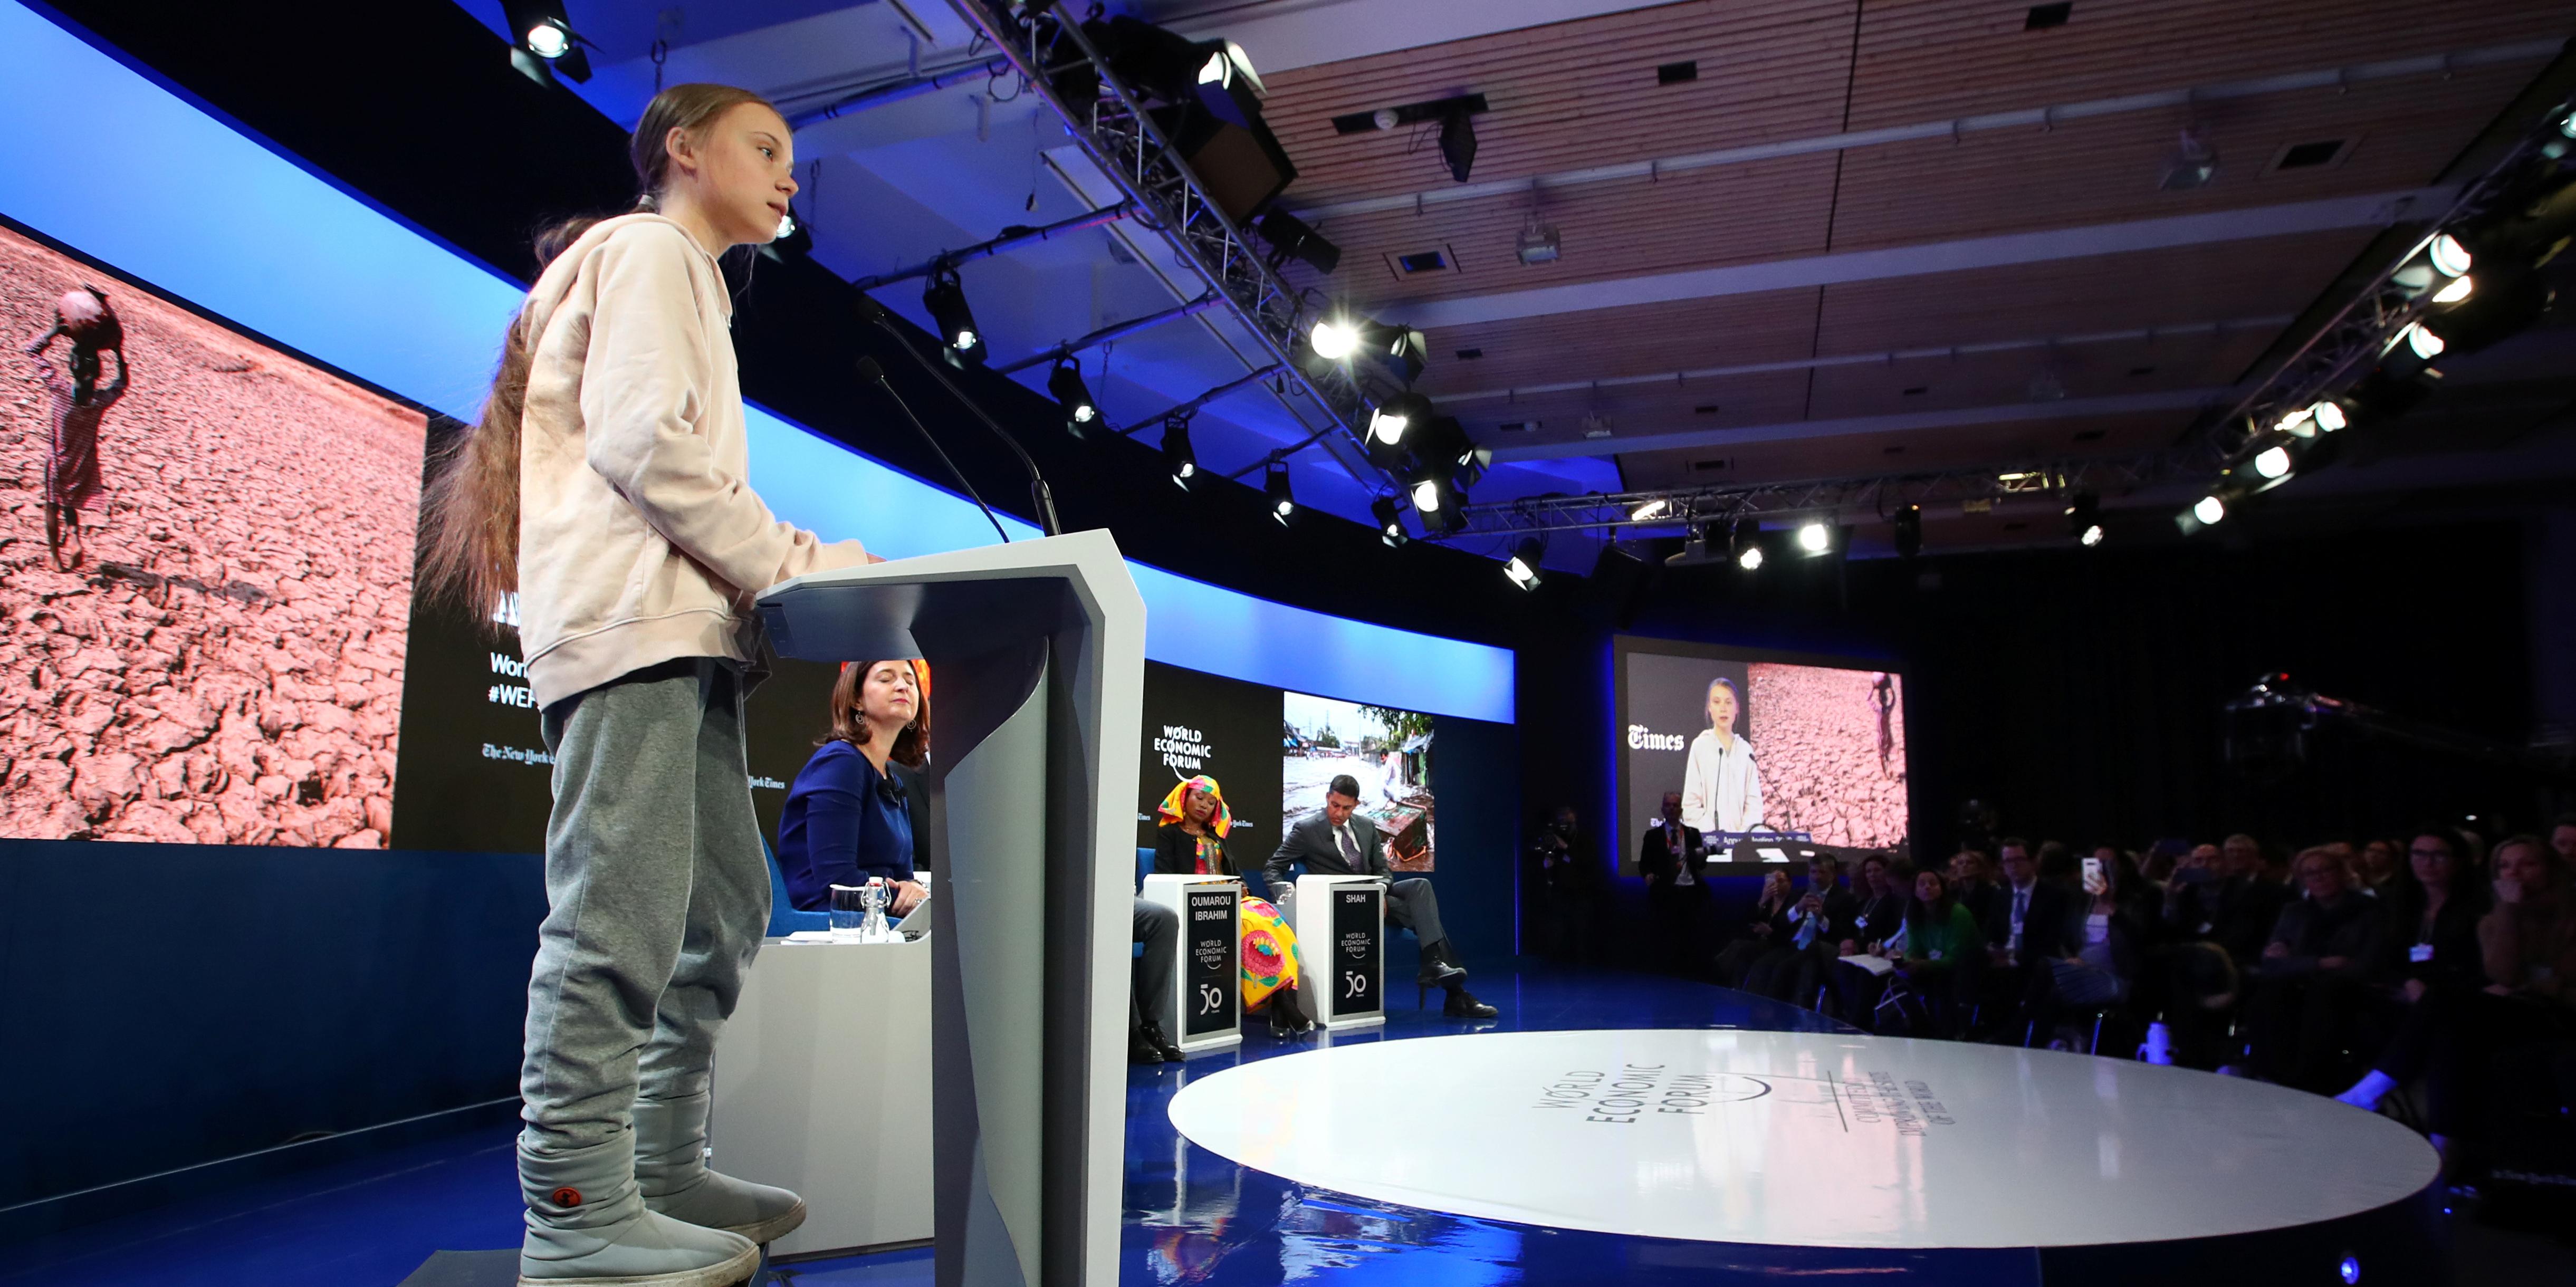 À Davos, tout le monde veut planter des arbres... pour mieux cacher la forêt